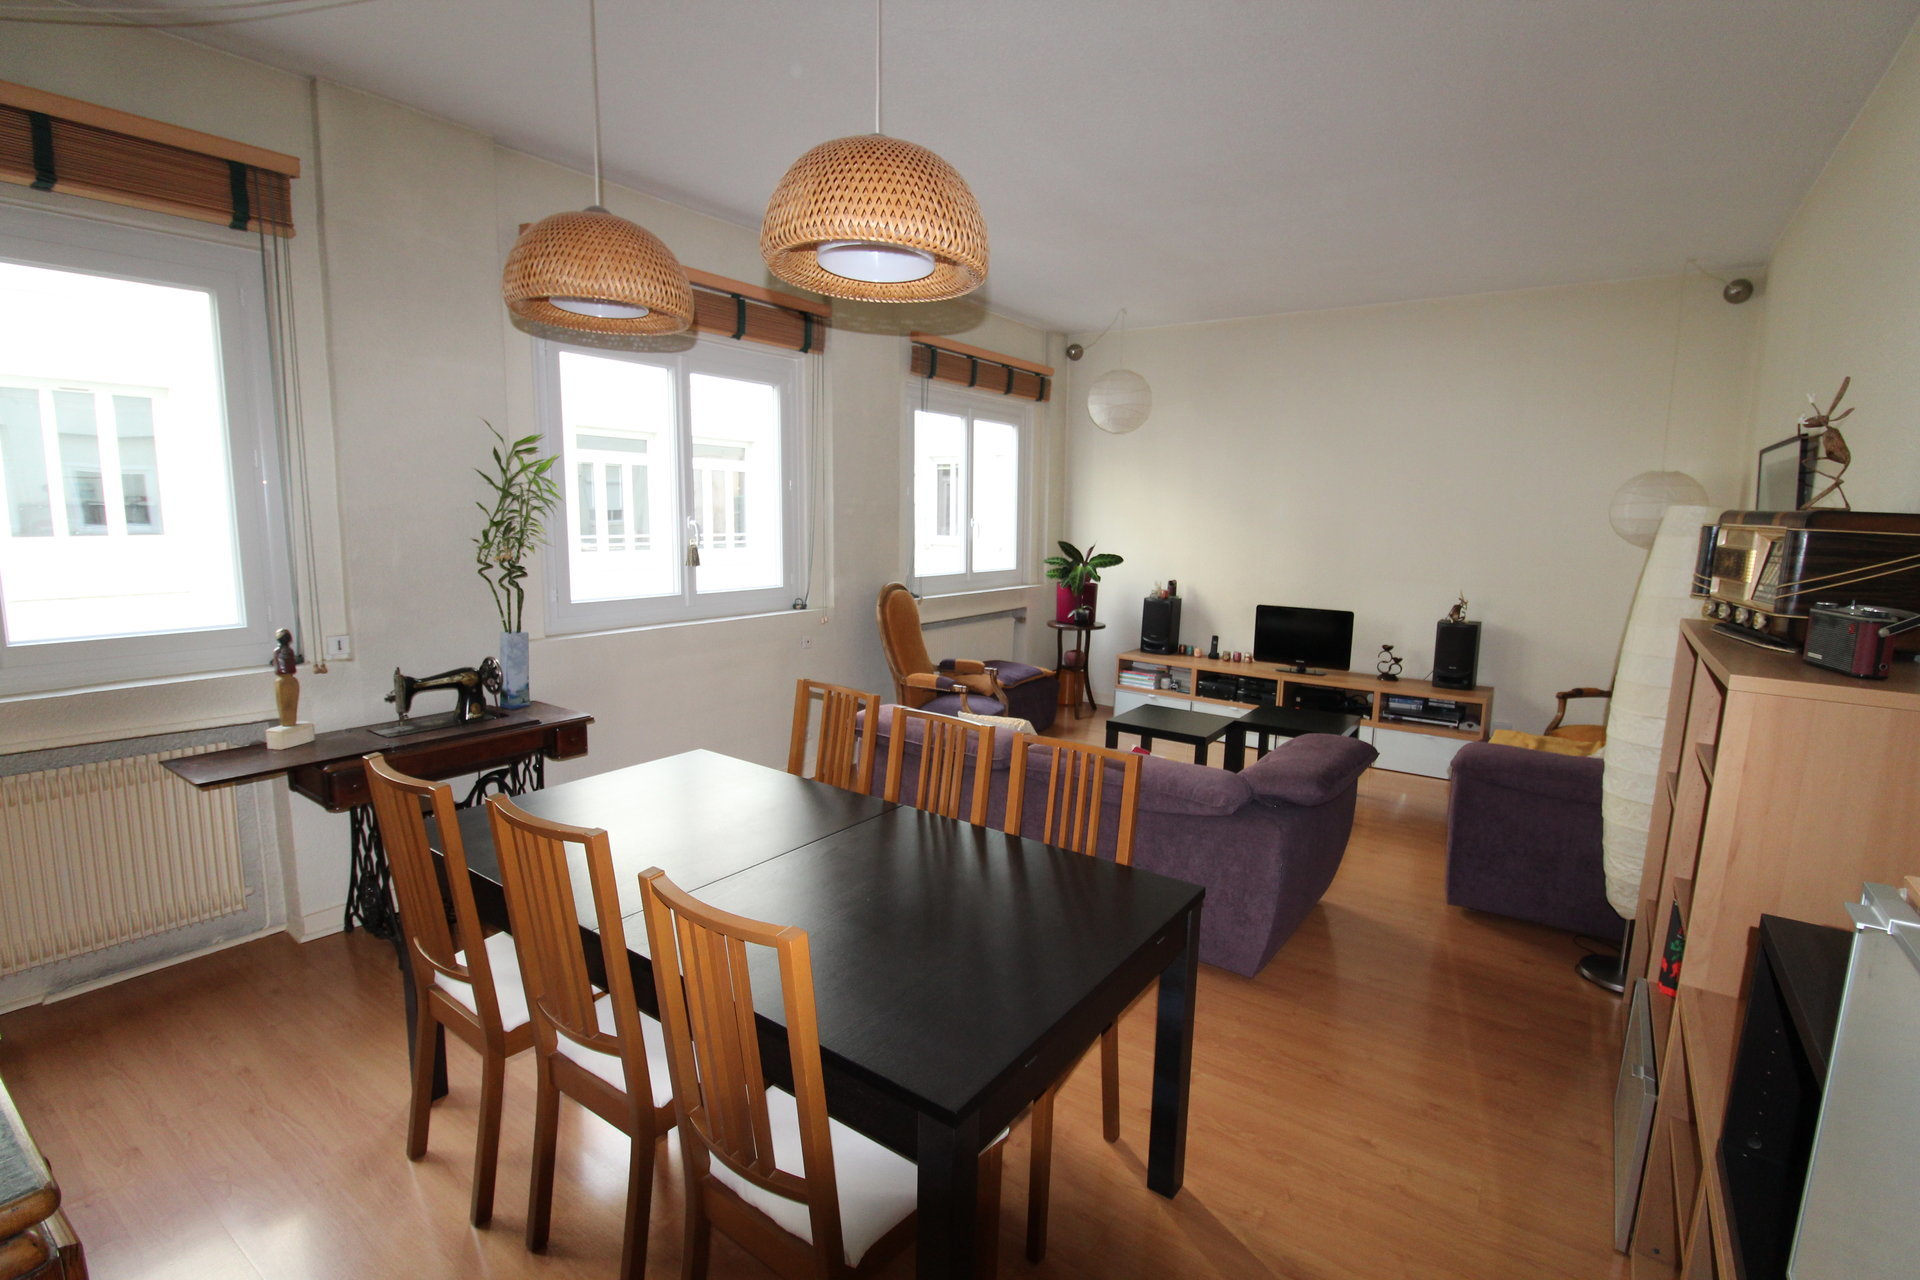 Appartement Duplex Saint-Etienne / Hyper-Centre 4 pièces 99,01m2 avec garage